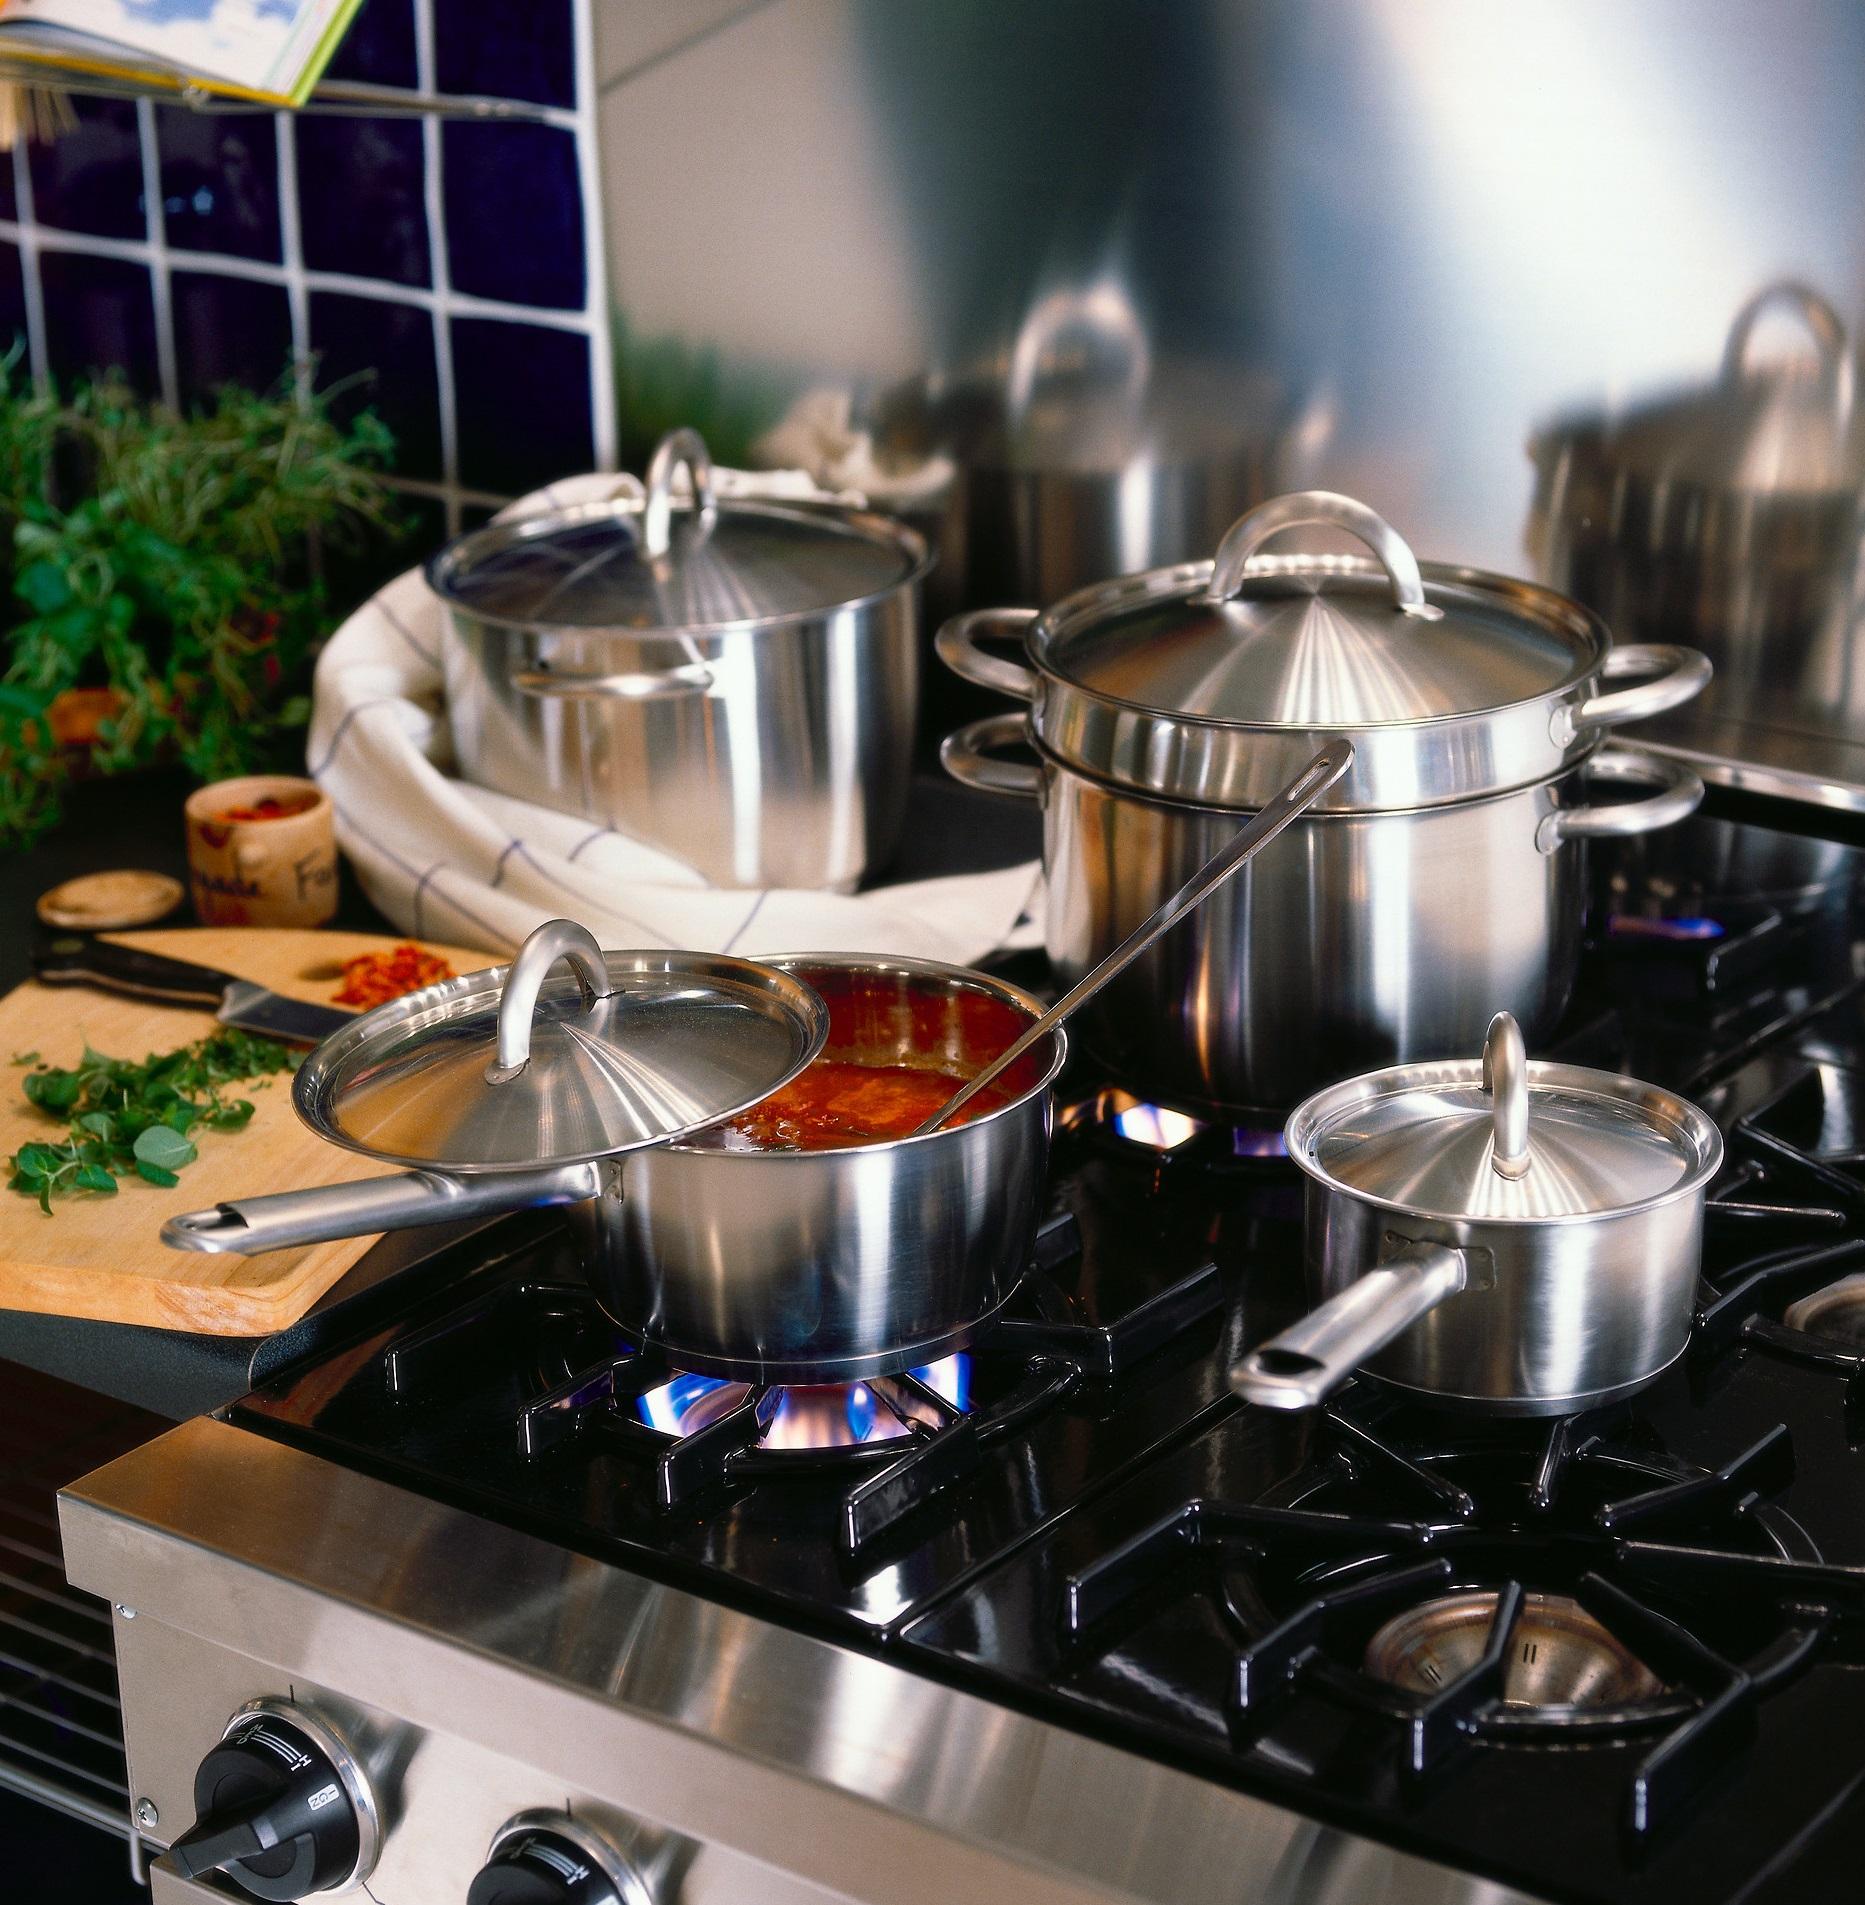 Столовые приборы и посуда для приготовления